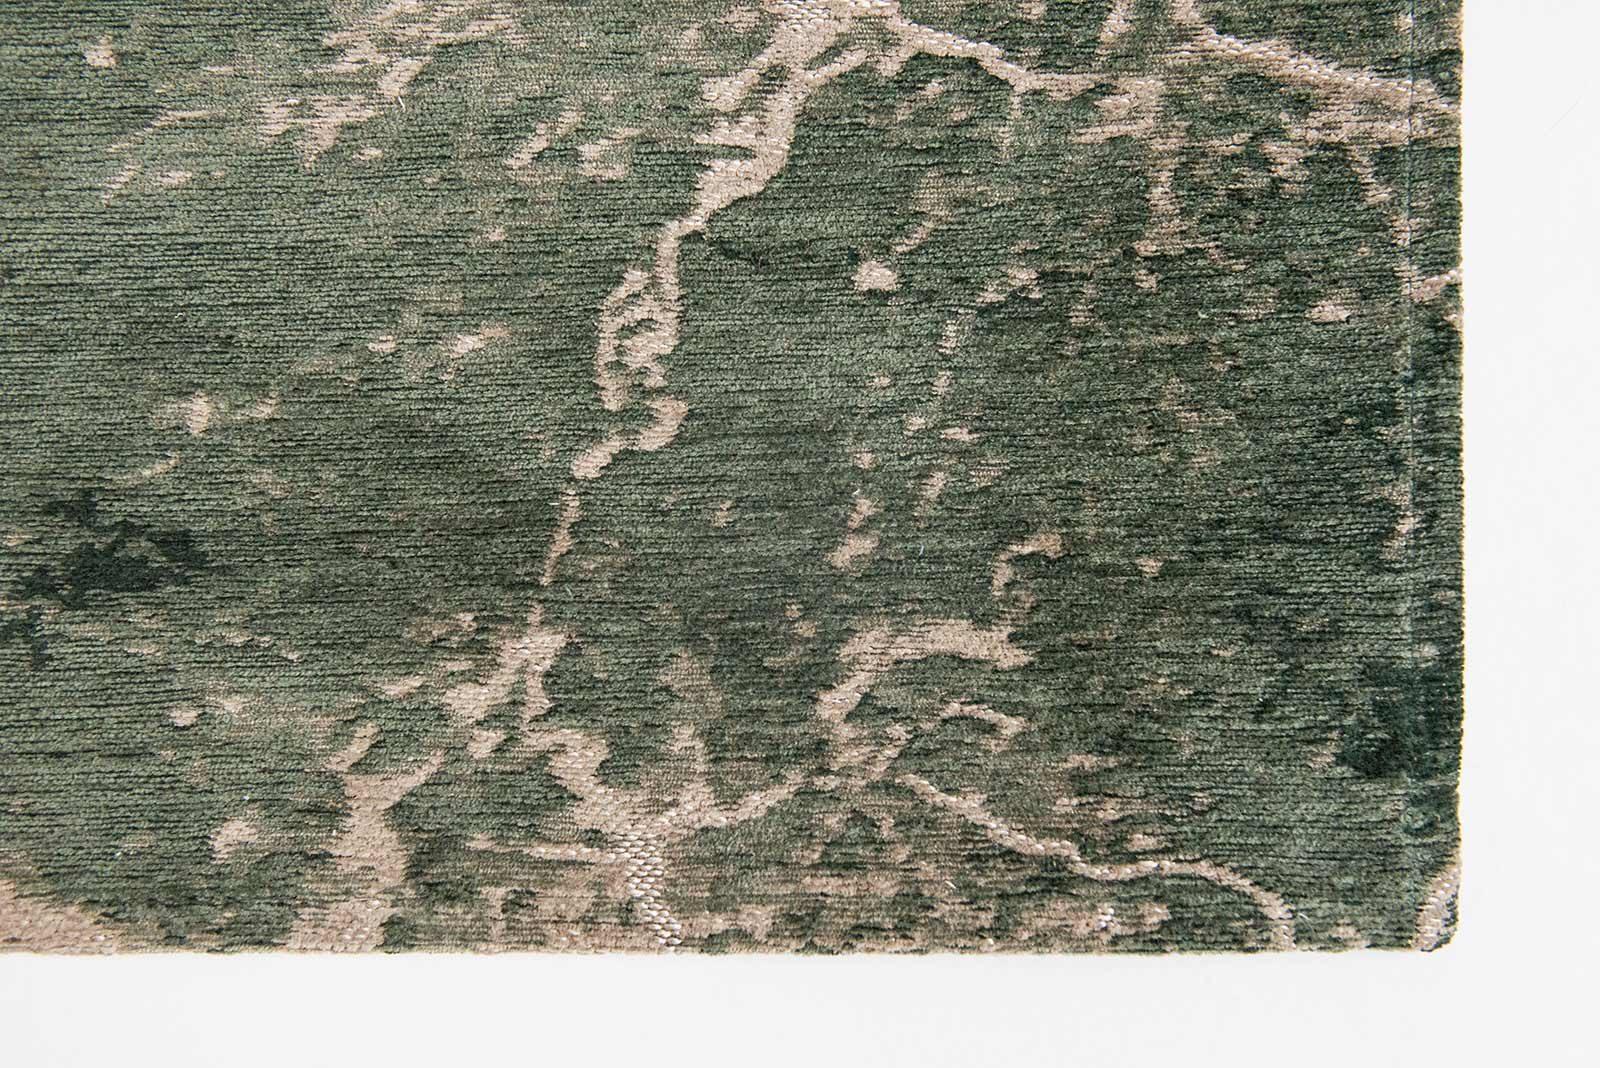 vloerkleed Louis De Poortere LX8723 Mad Men Cracks Dark Pine zoom 3